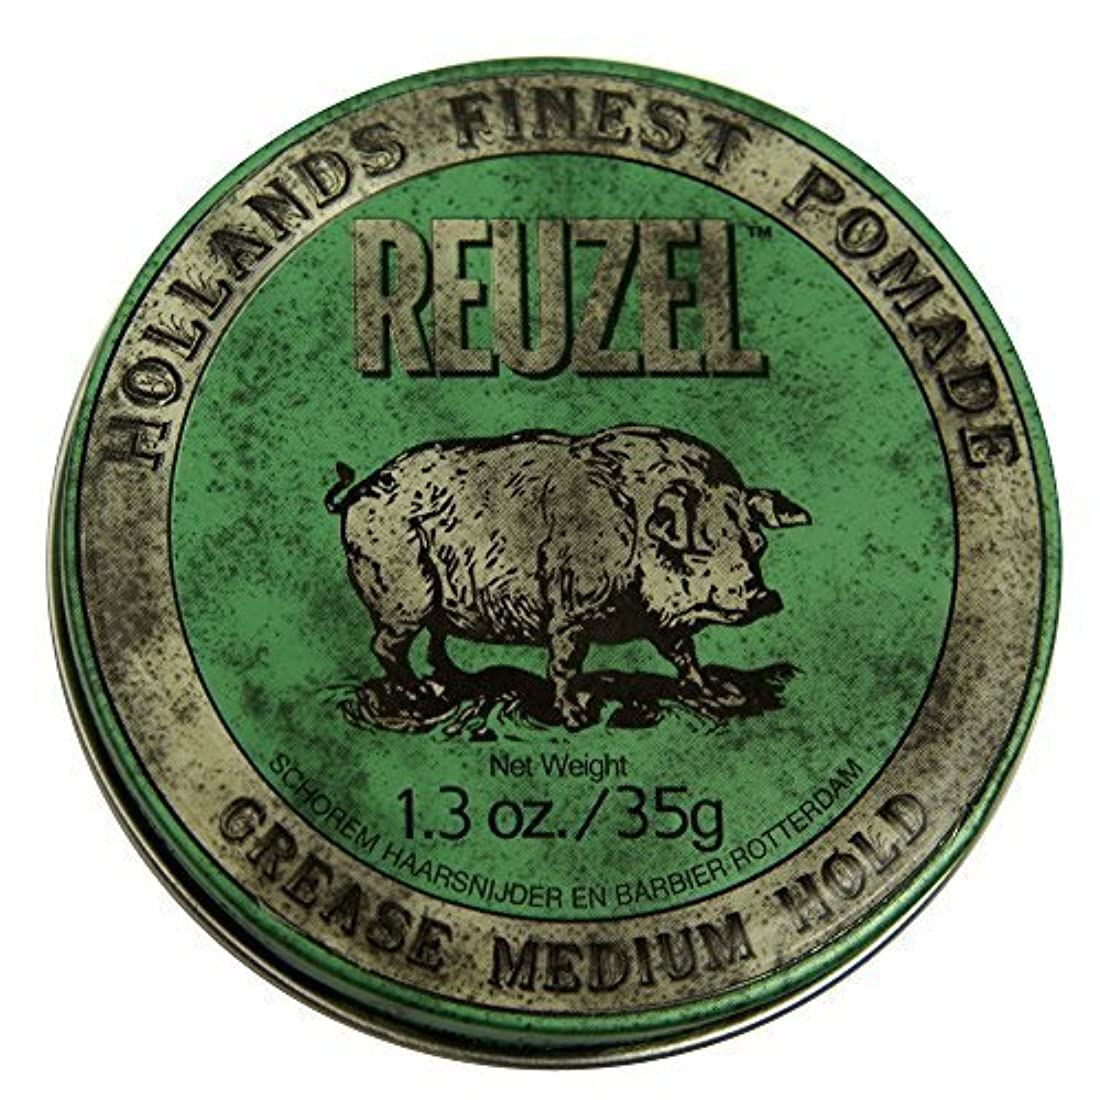 物理的なベッドフェリーby Reuzel Reuzel Green Grease Medium Hold Hair Styling Pomade Piglet 1.3oz (35g) Wax/Gel [並行輸入品]